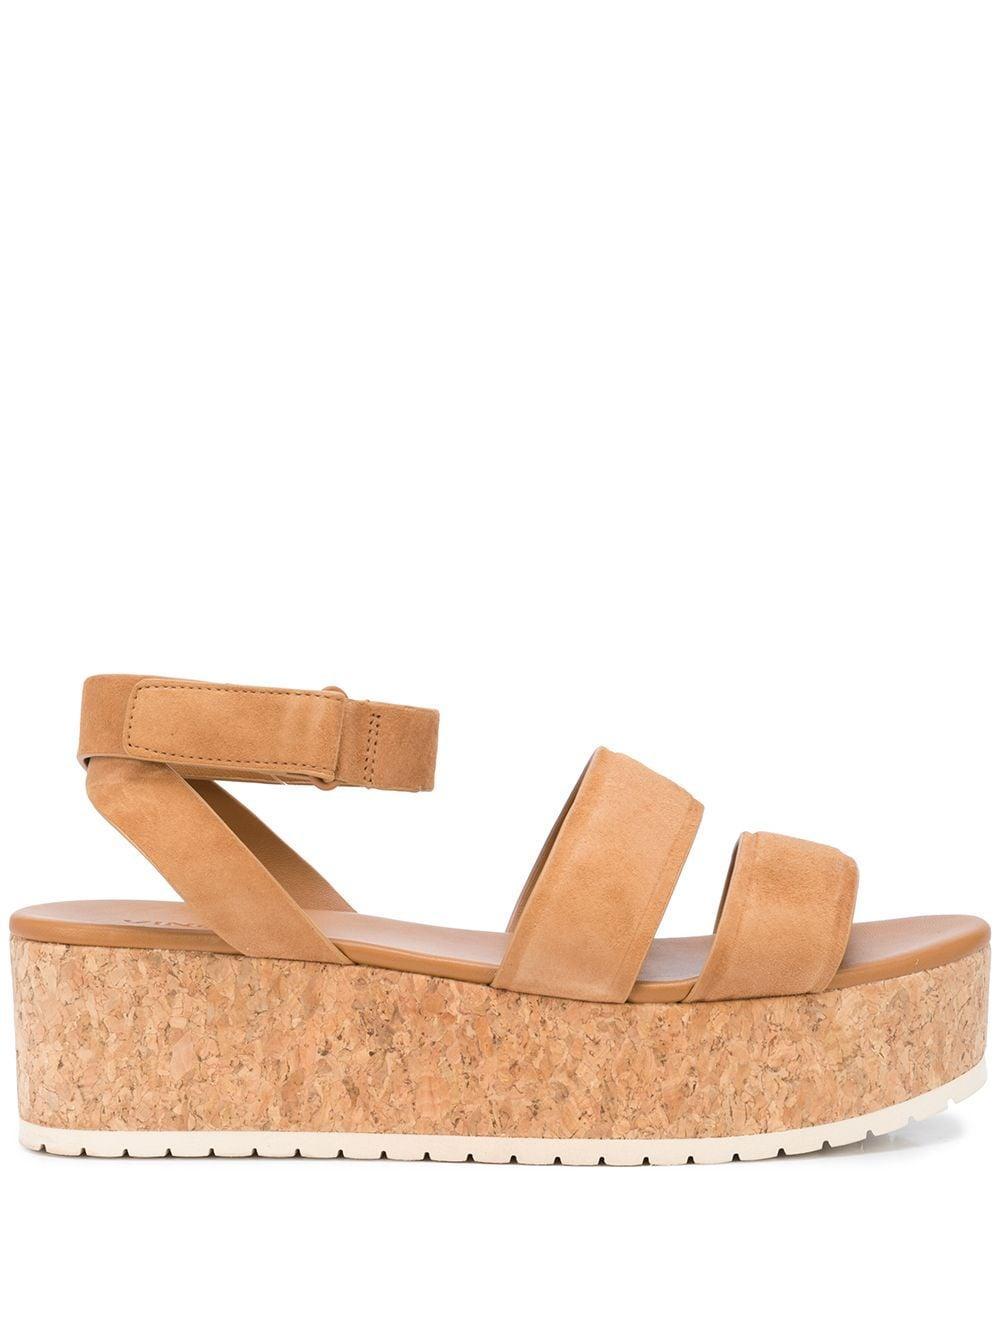 Cork Platform Ankle Strap Sandal Item # JET